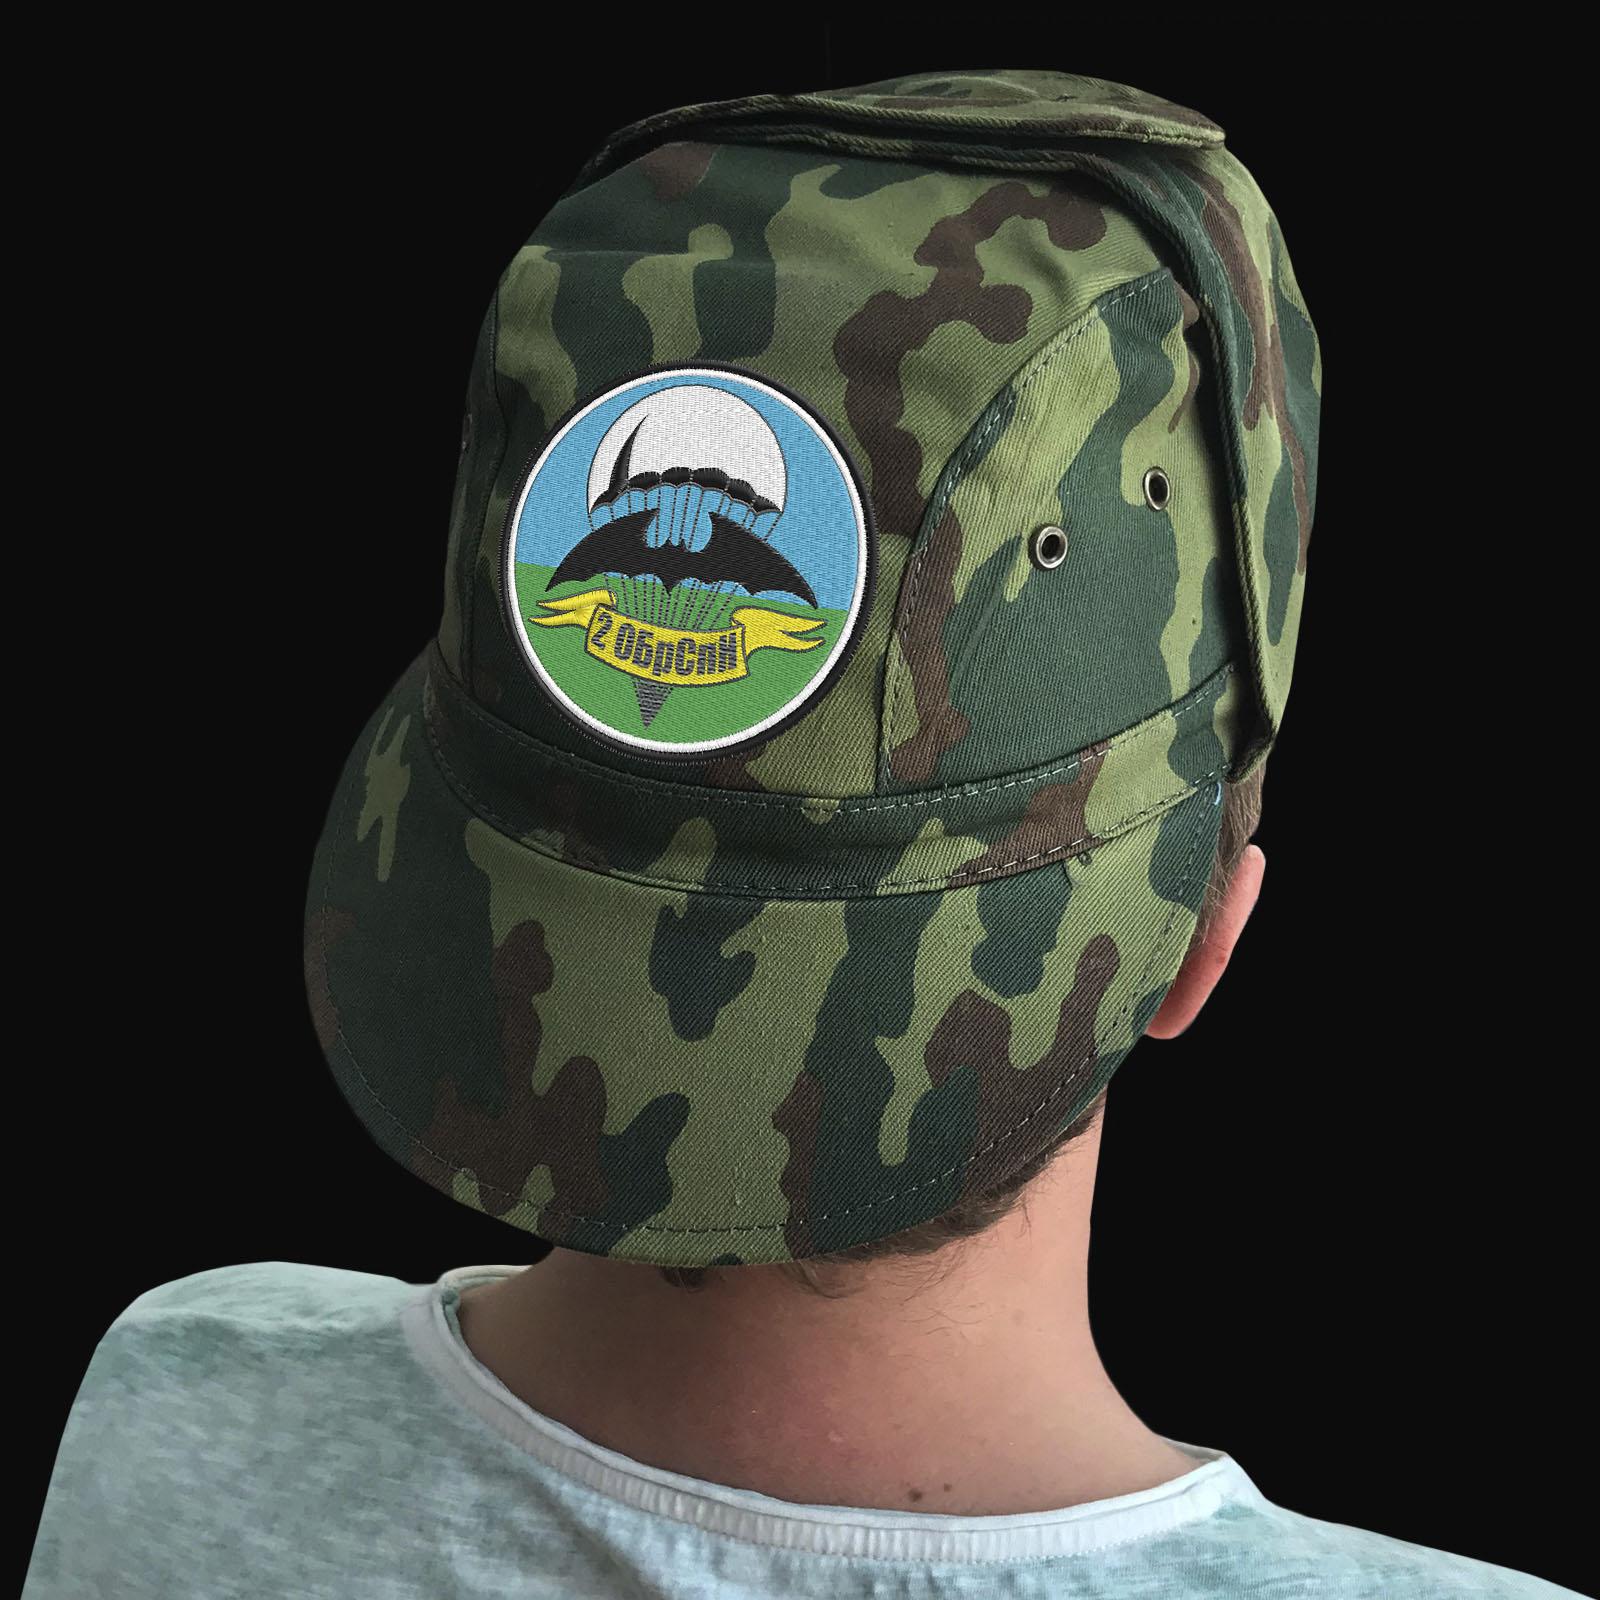 Мужские кепки в дизайне отдельных бригад Спецназа ГРУ – наличие